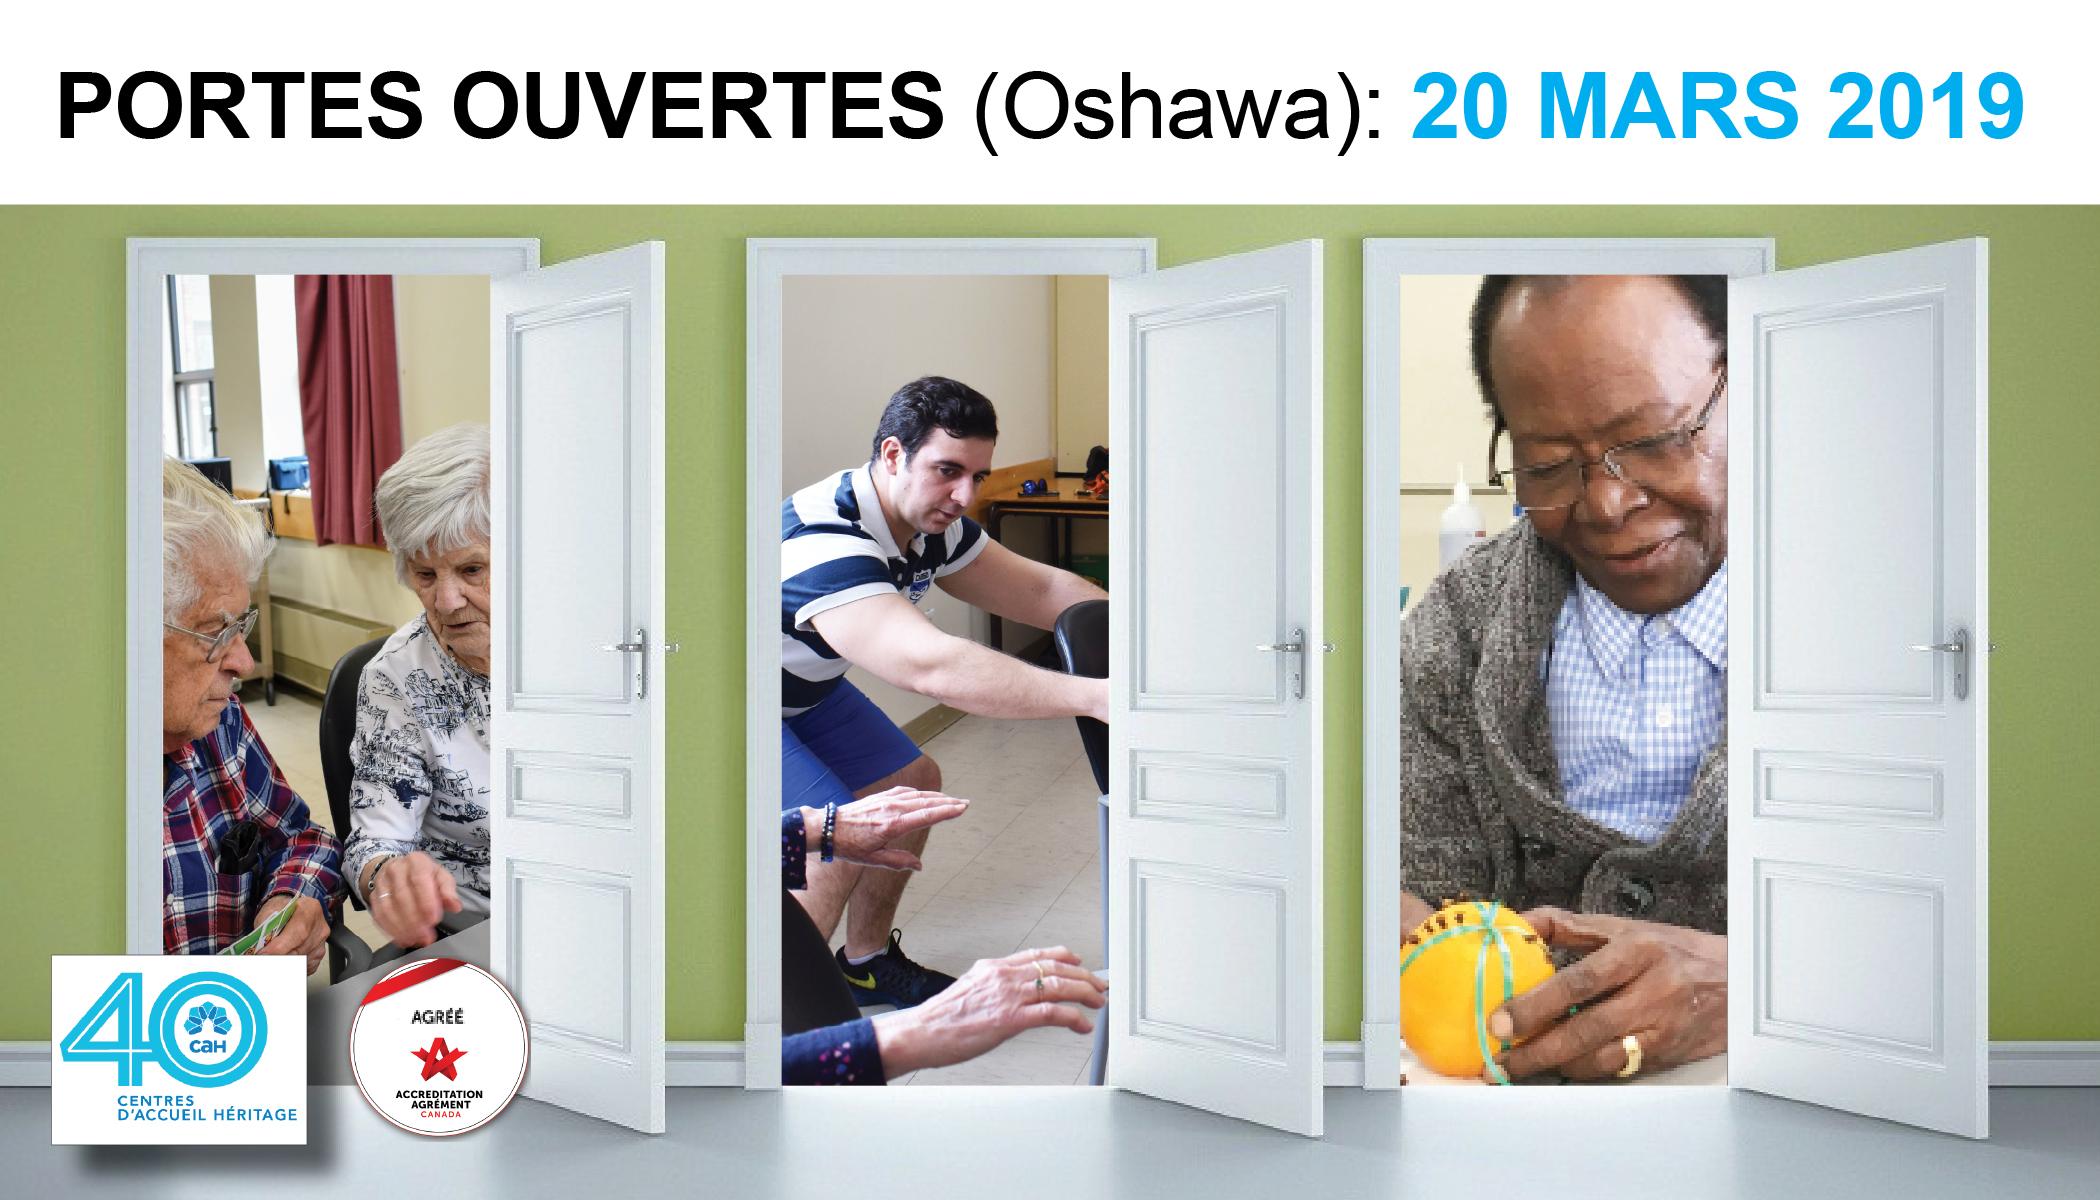 Journée Portes ouvertes (Service de jour Oshawa)